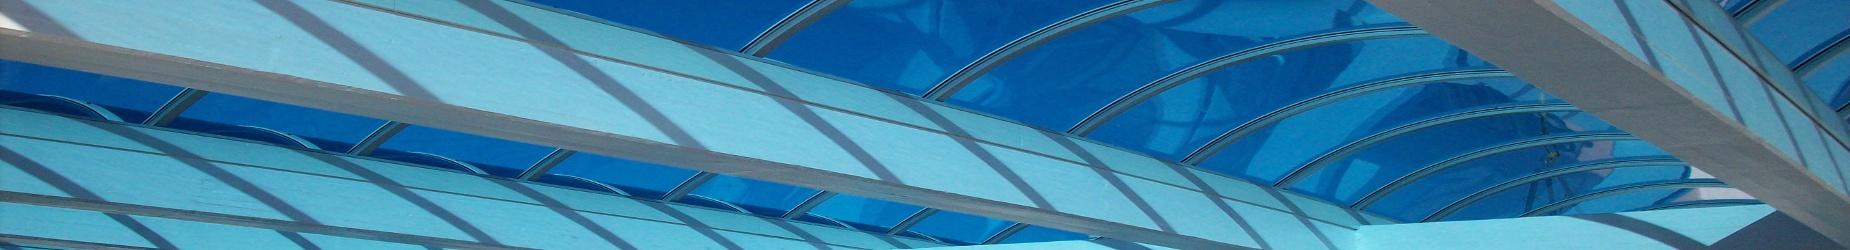 tetto in lexan compatto